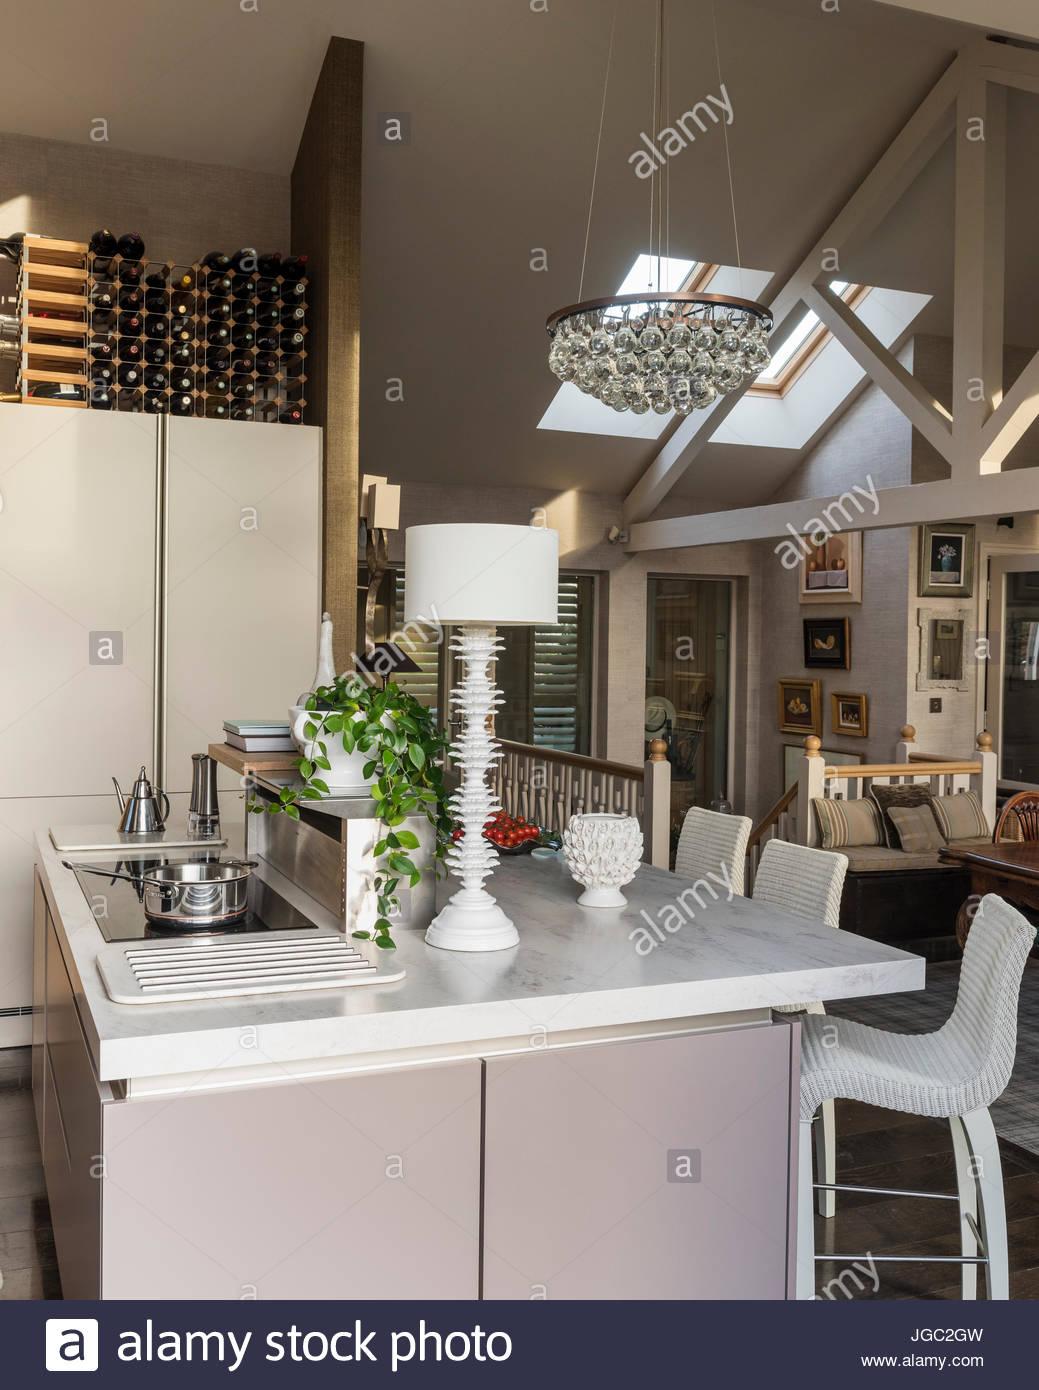 Bombilla colgante y estante de vino sobre barra de desayuno en un bastidor en la cocina Imagen De Stock